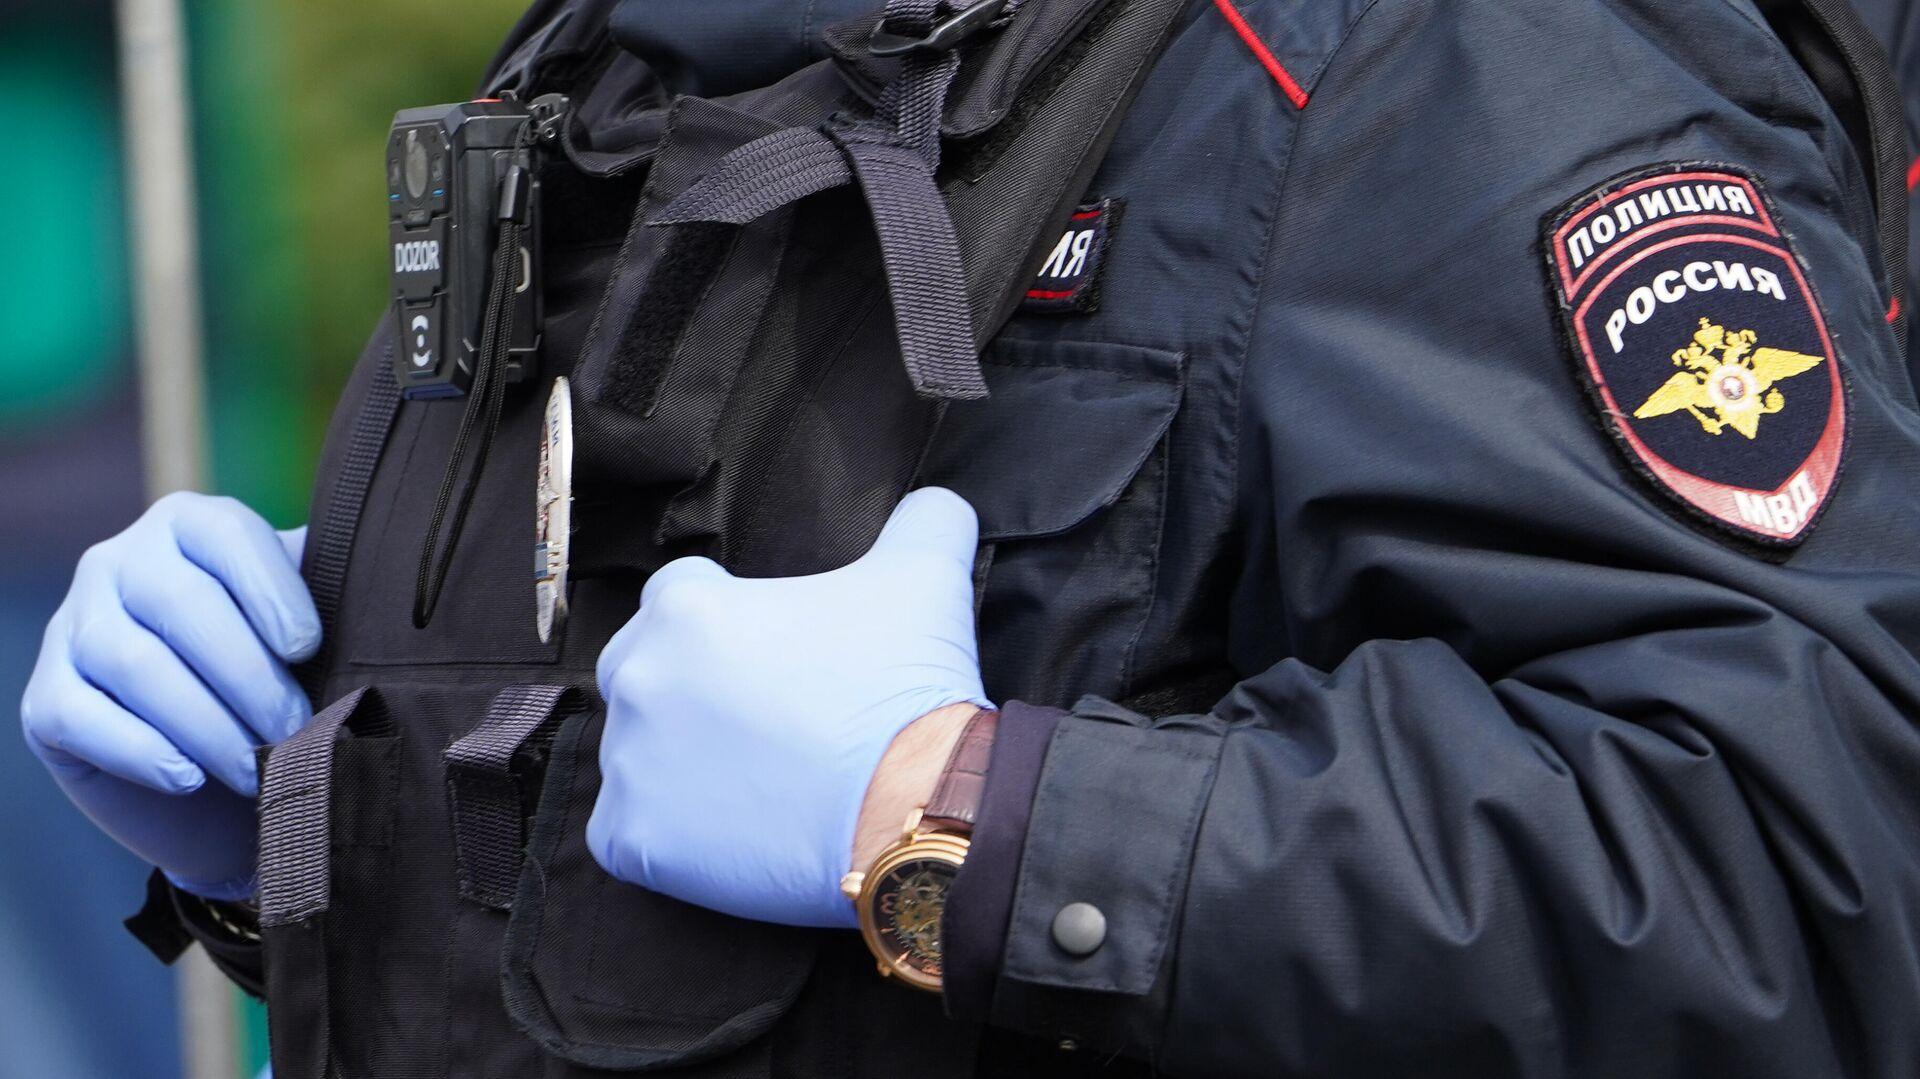 Полиция проверит действия участкового, проигнорировавшего вызов девочки